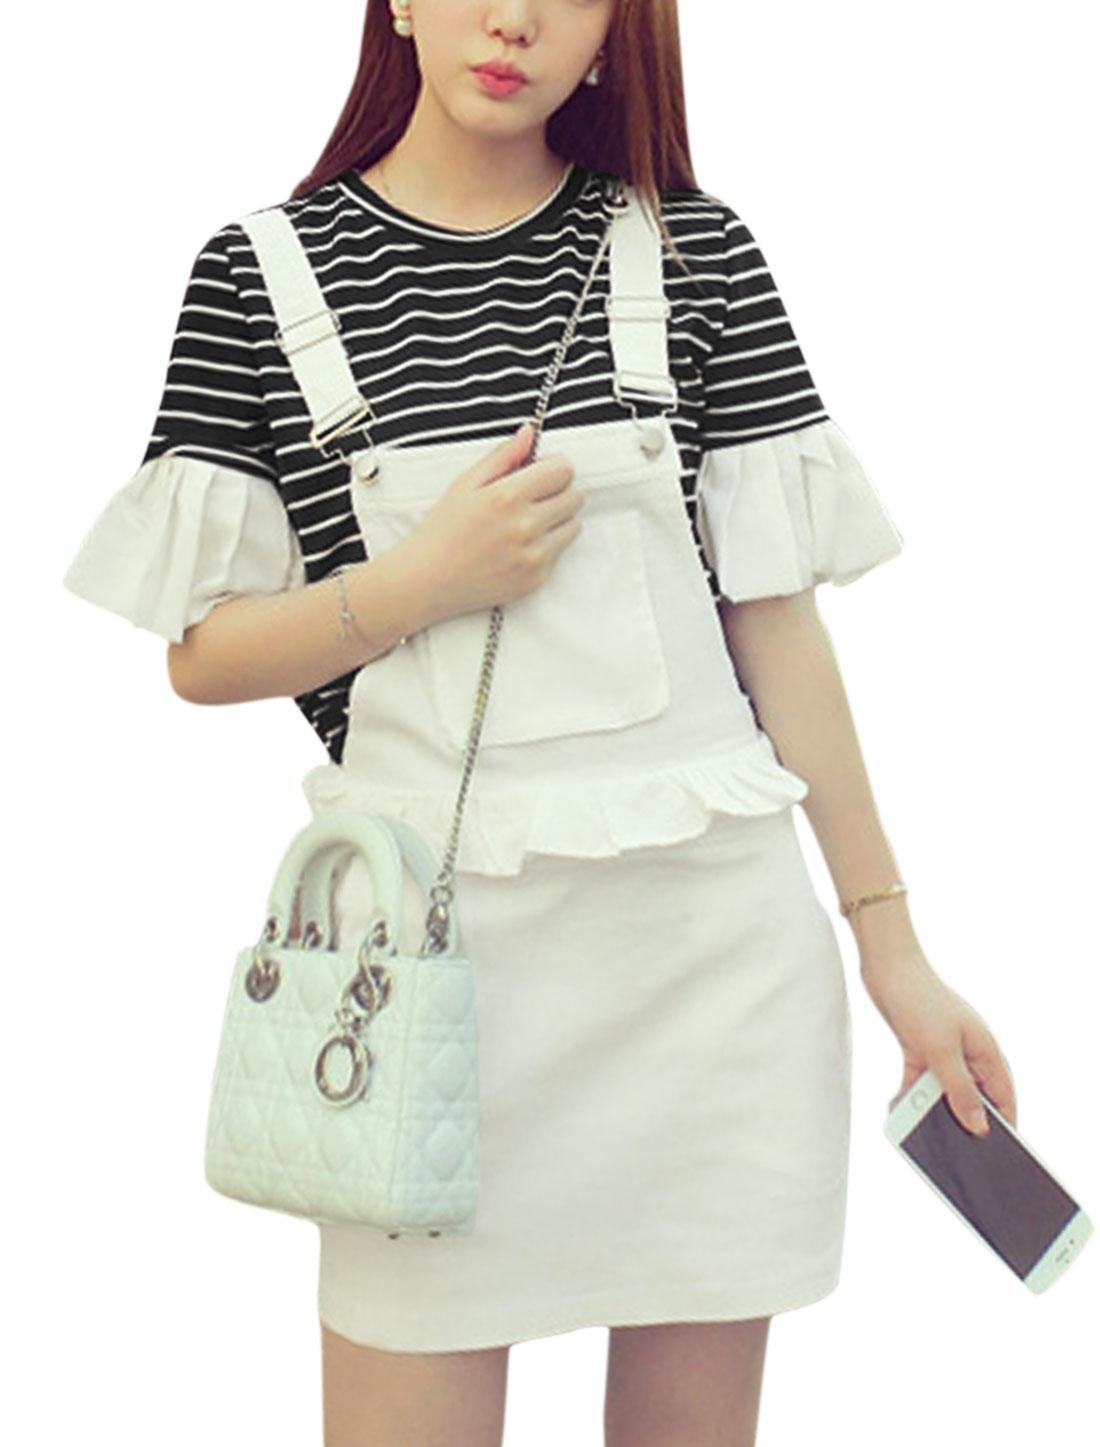 Women Stripes Bell Sleeves Top w Flounce Suspender Skirt Set White Black XS